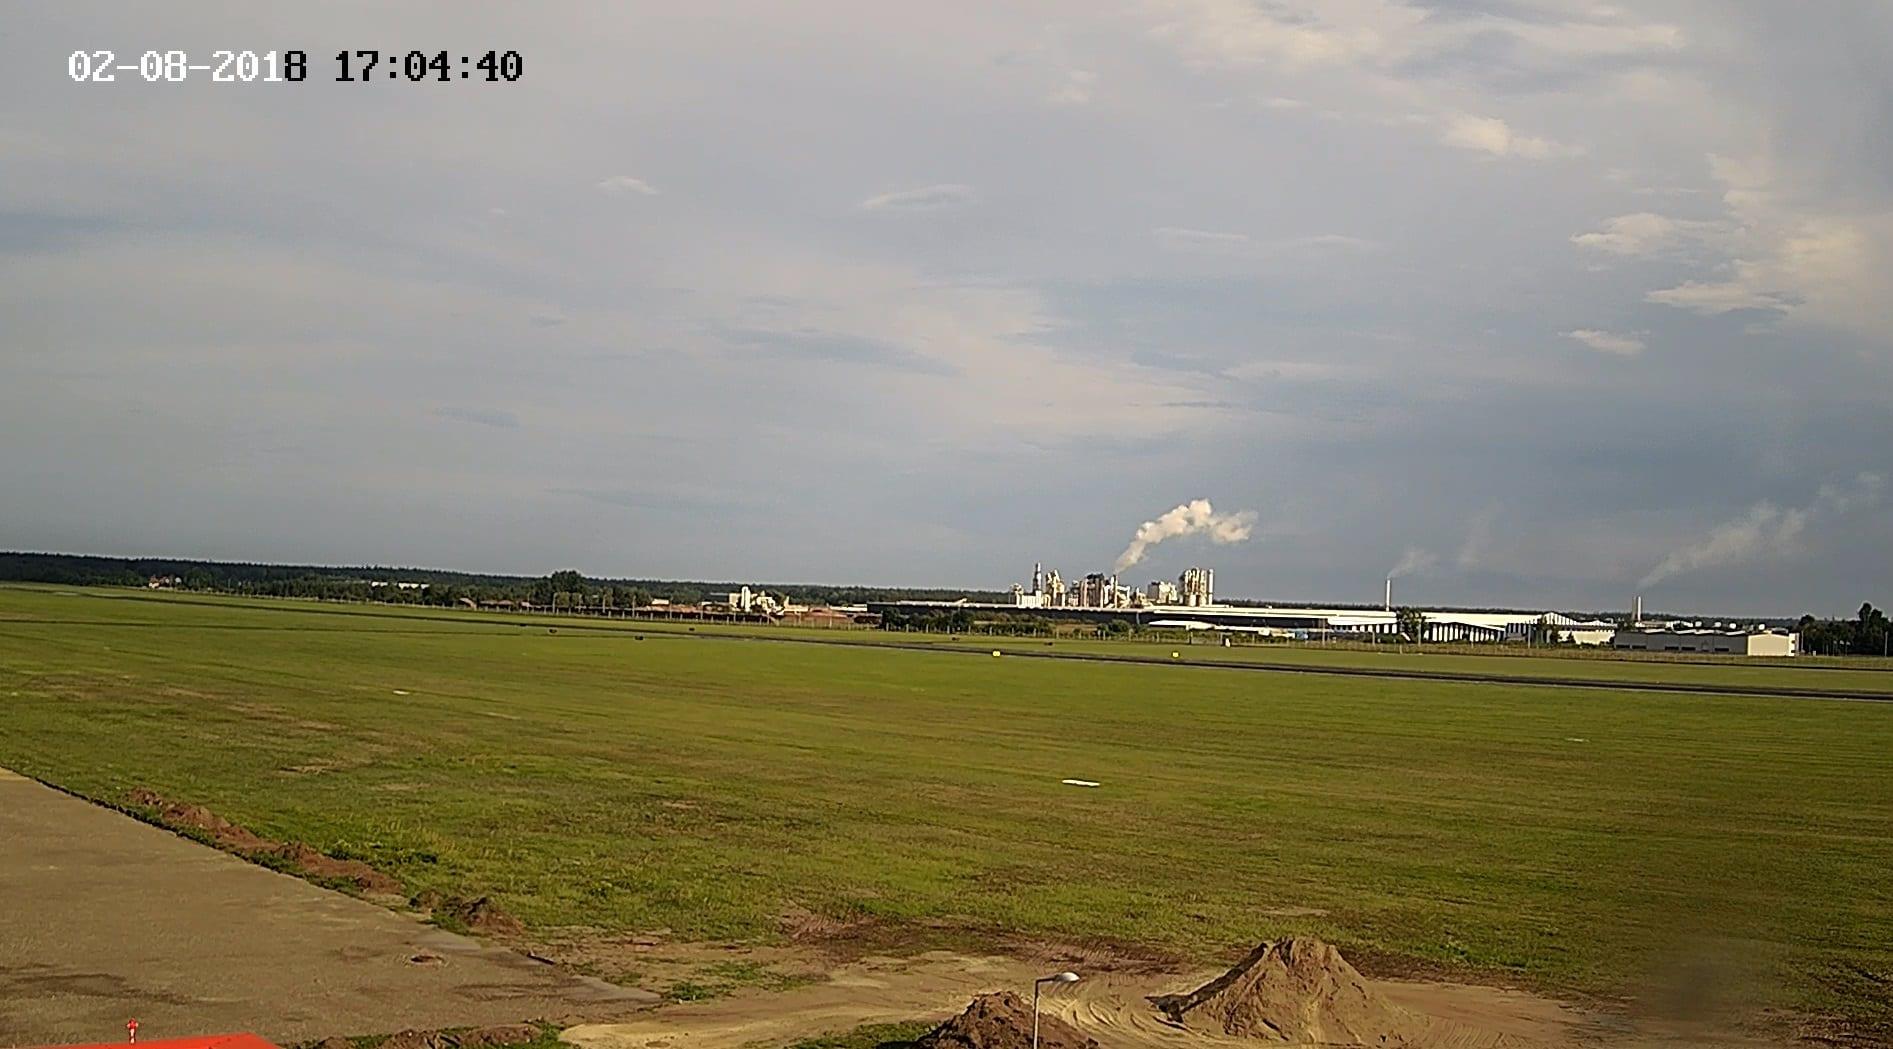 Podgląd na emisję zanieczyszczeń już on-line